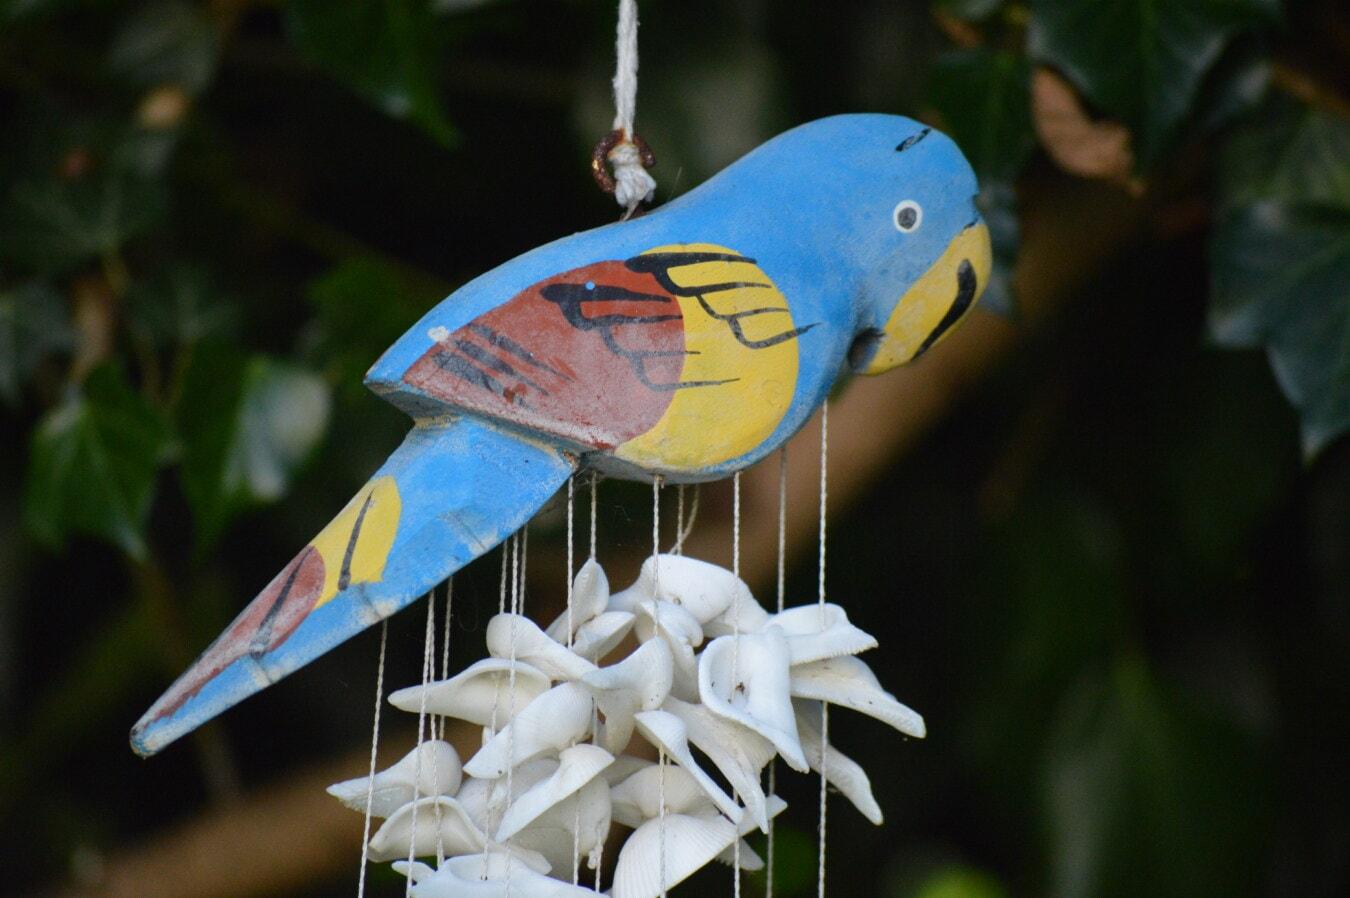 jouet, perroquet, ara, décoration, objet, suspendu, tropical, oiseau, couleur, brillant